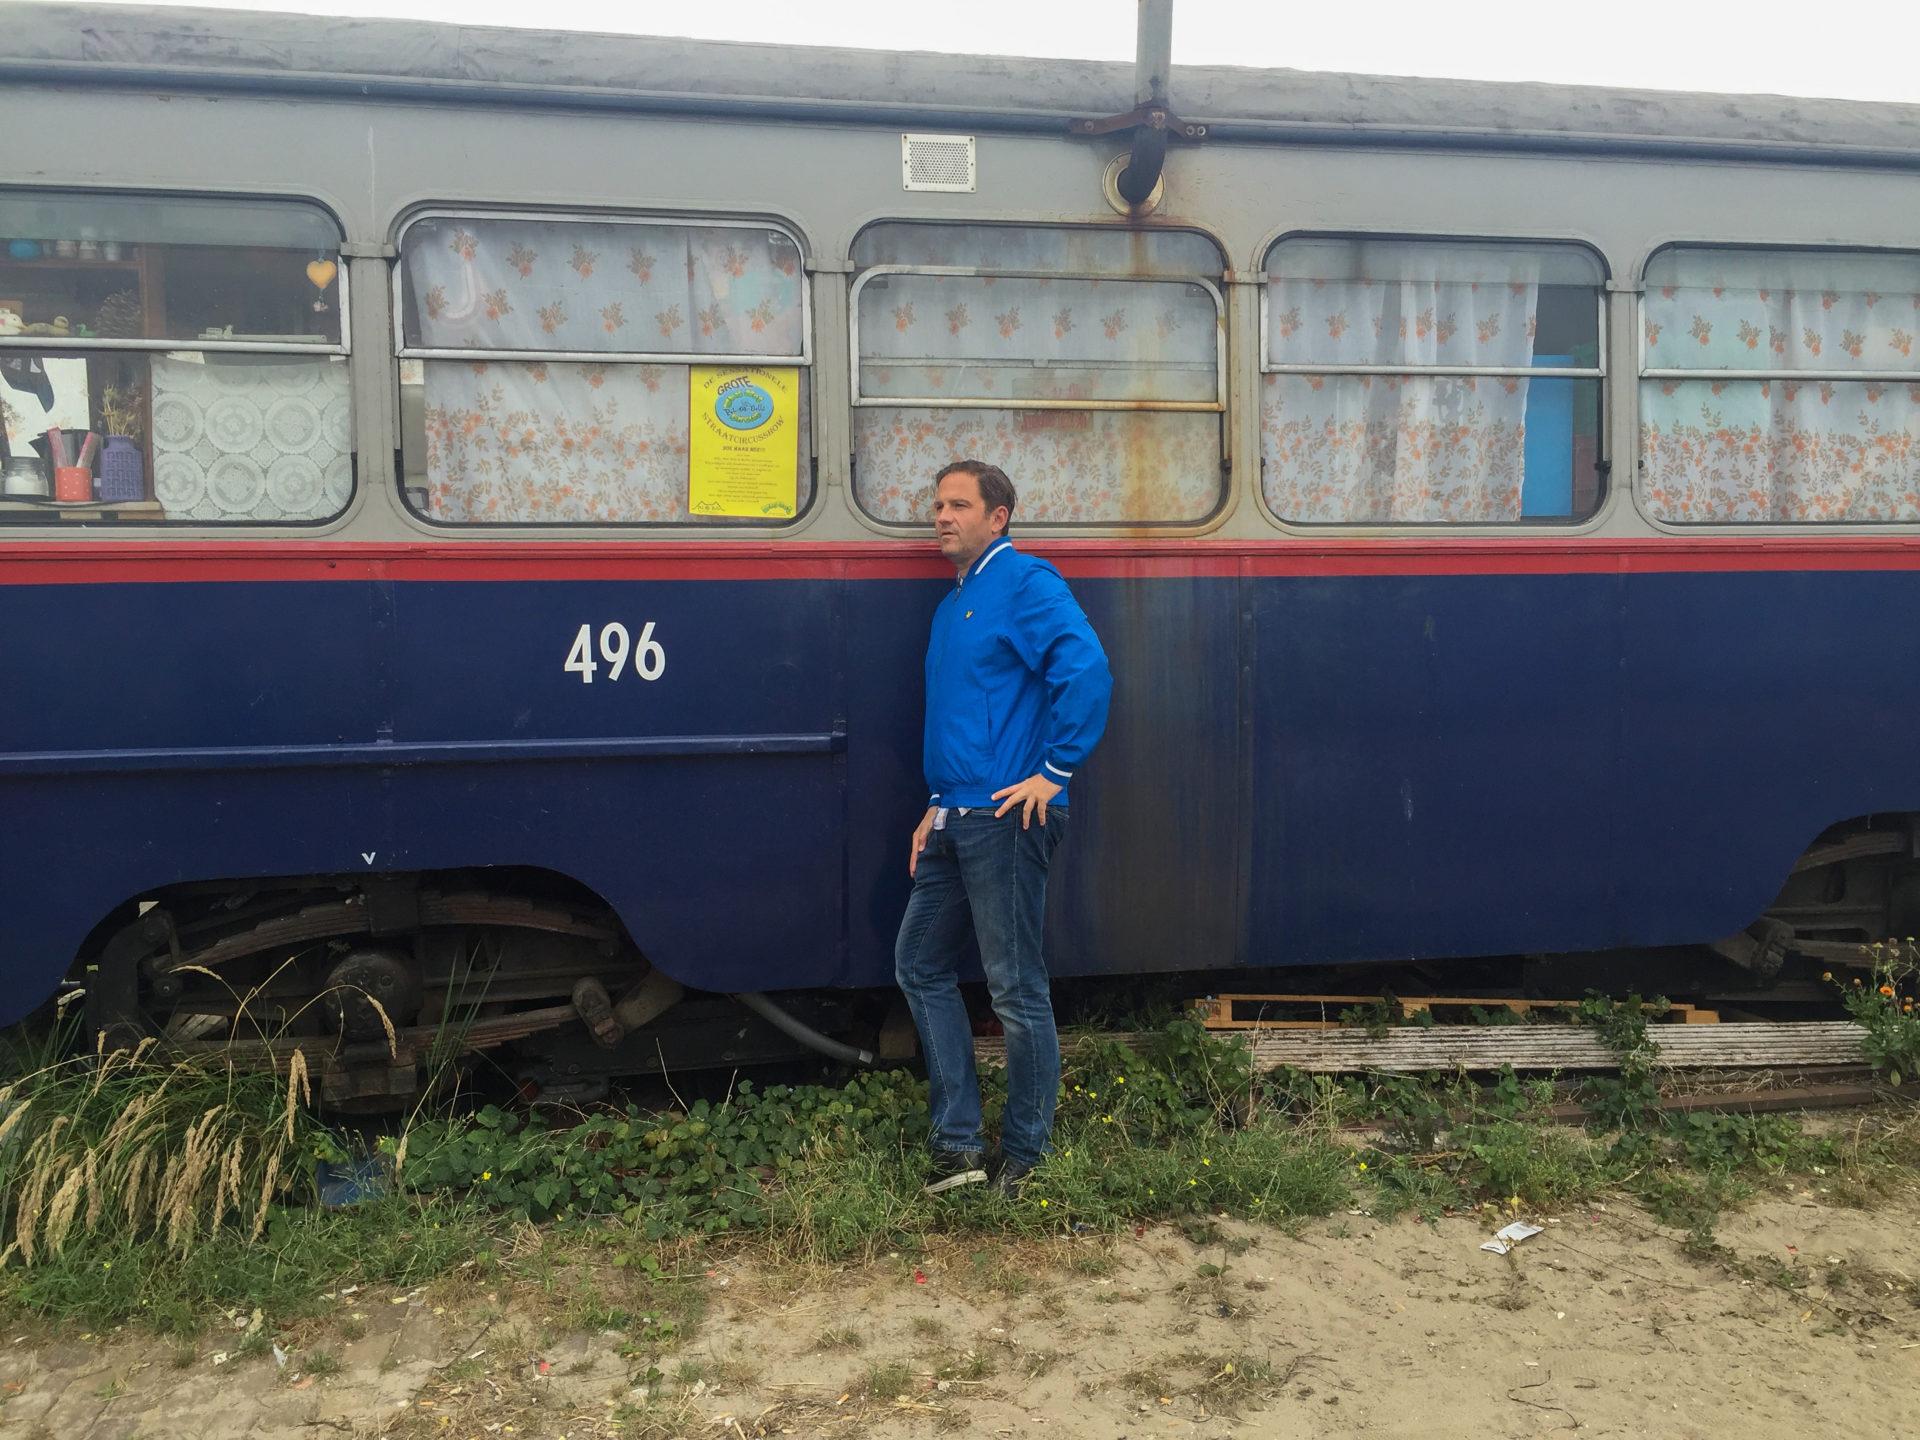 Autor Ralf Johnen vor einer ausgemusterten Straßenbahn in Noord